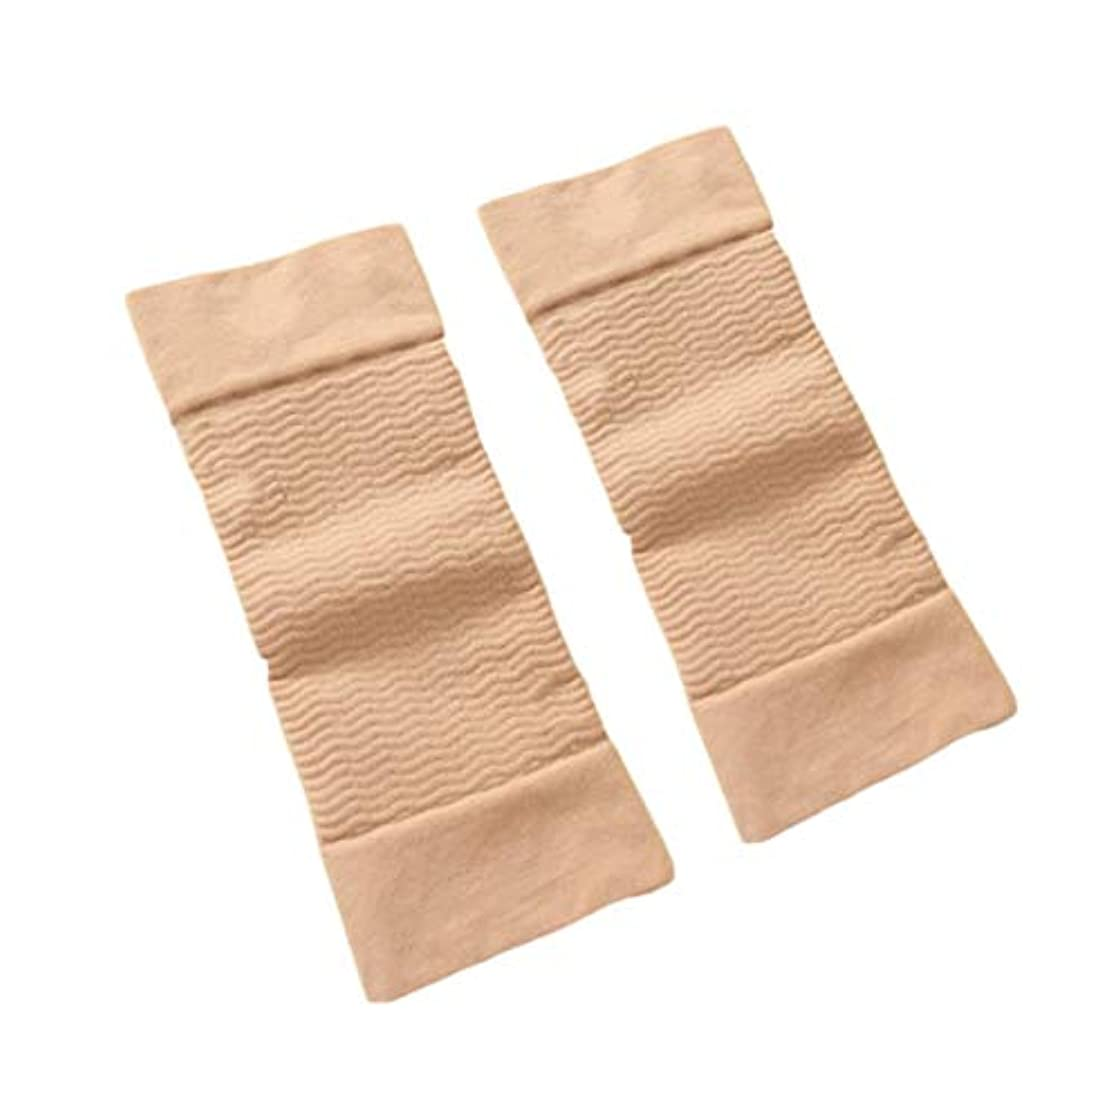 農夫容量定義する1ペア420 D圧縮痩身アームスリーブワークアウトトーニングバーンセルライトシェイパー脂肪燃焼袖用女性 - 肌色